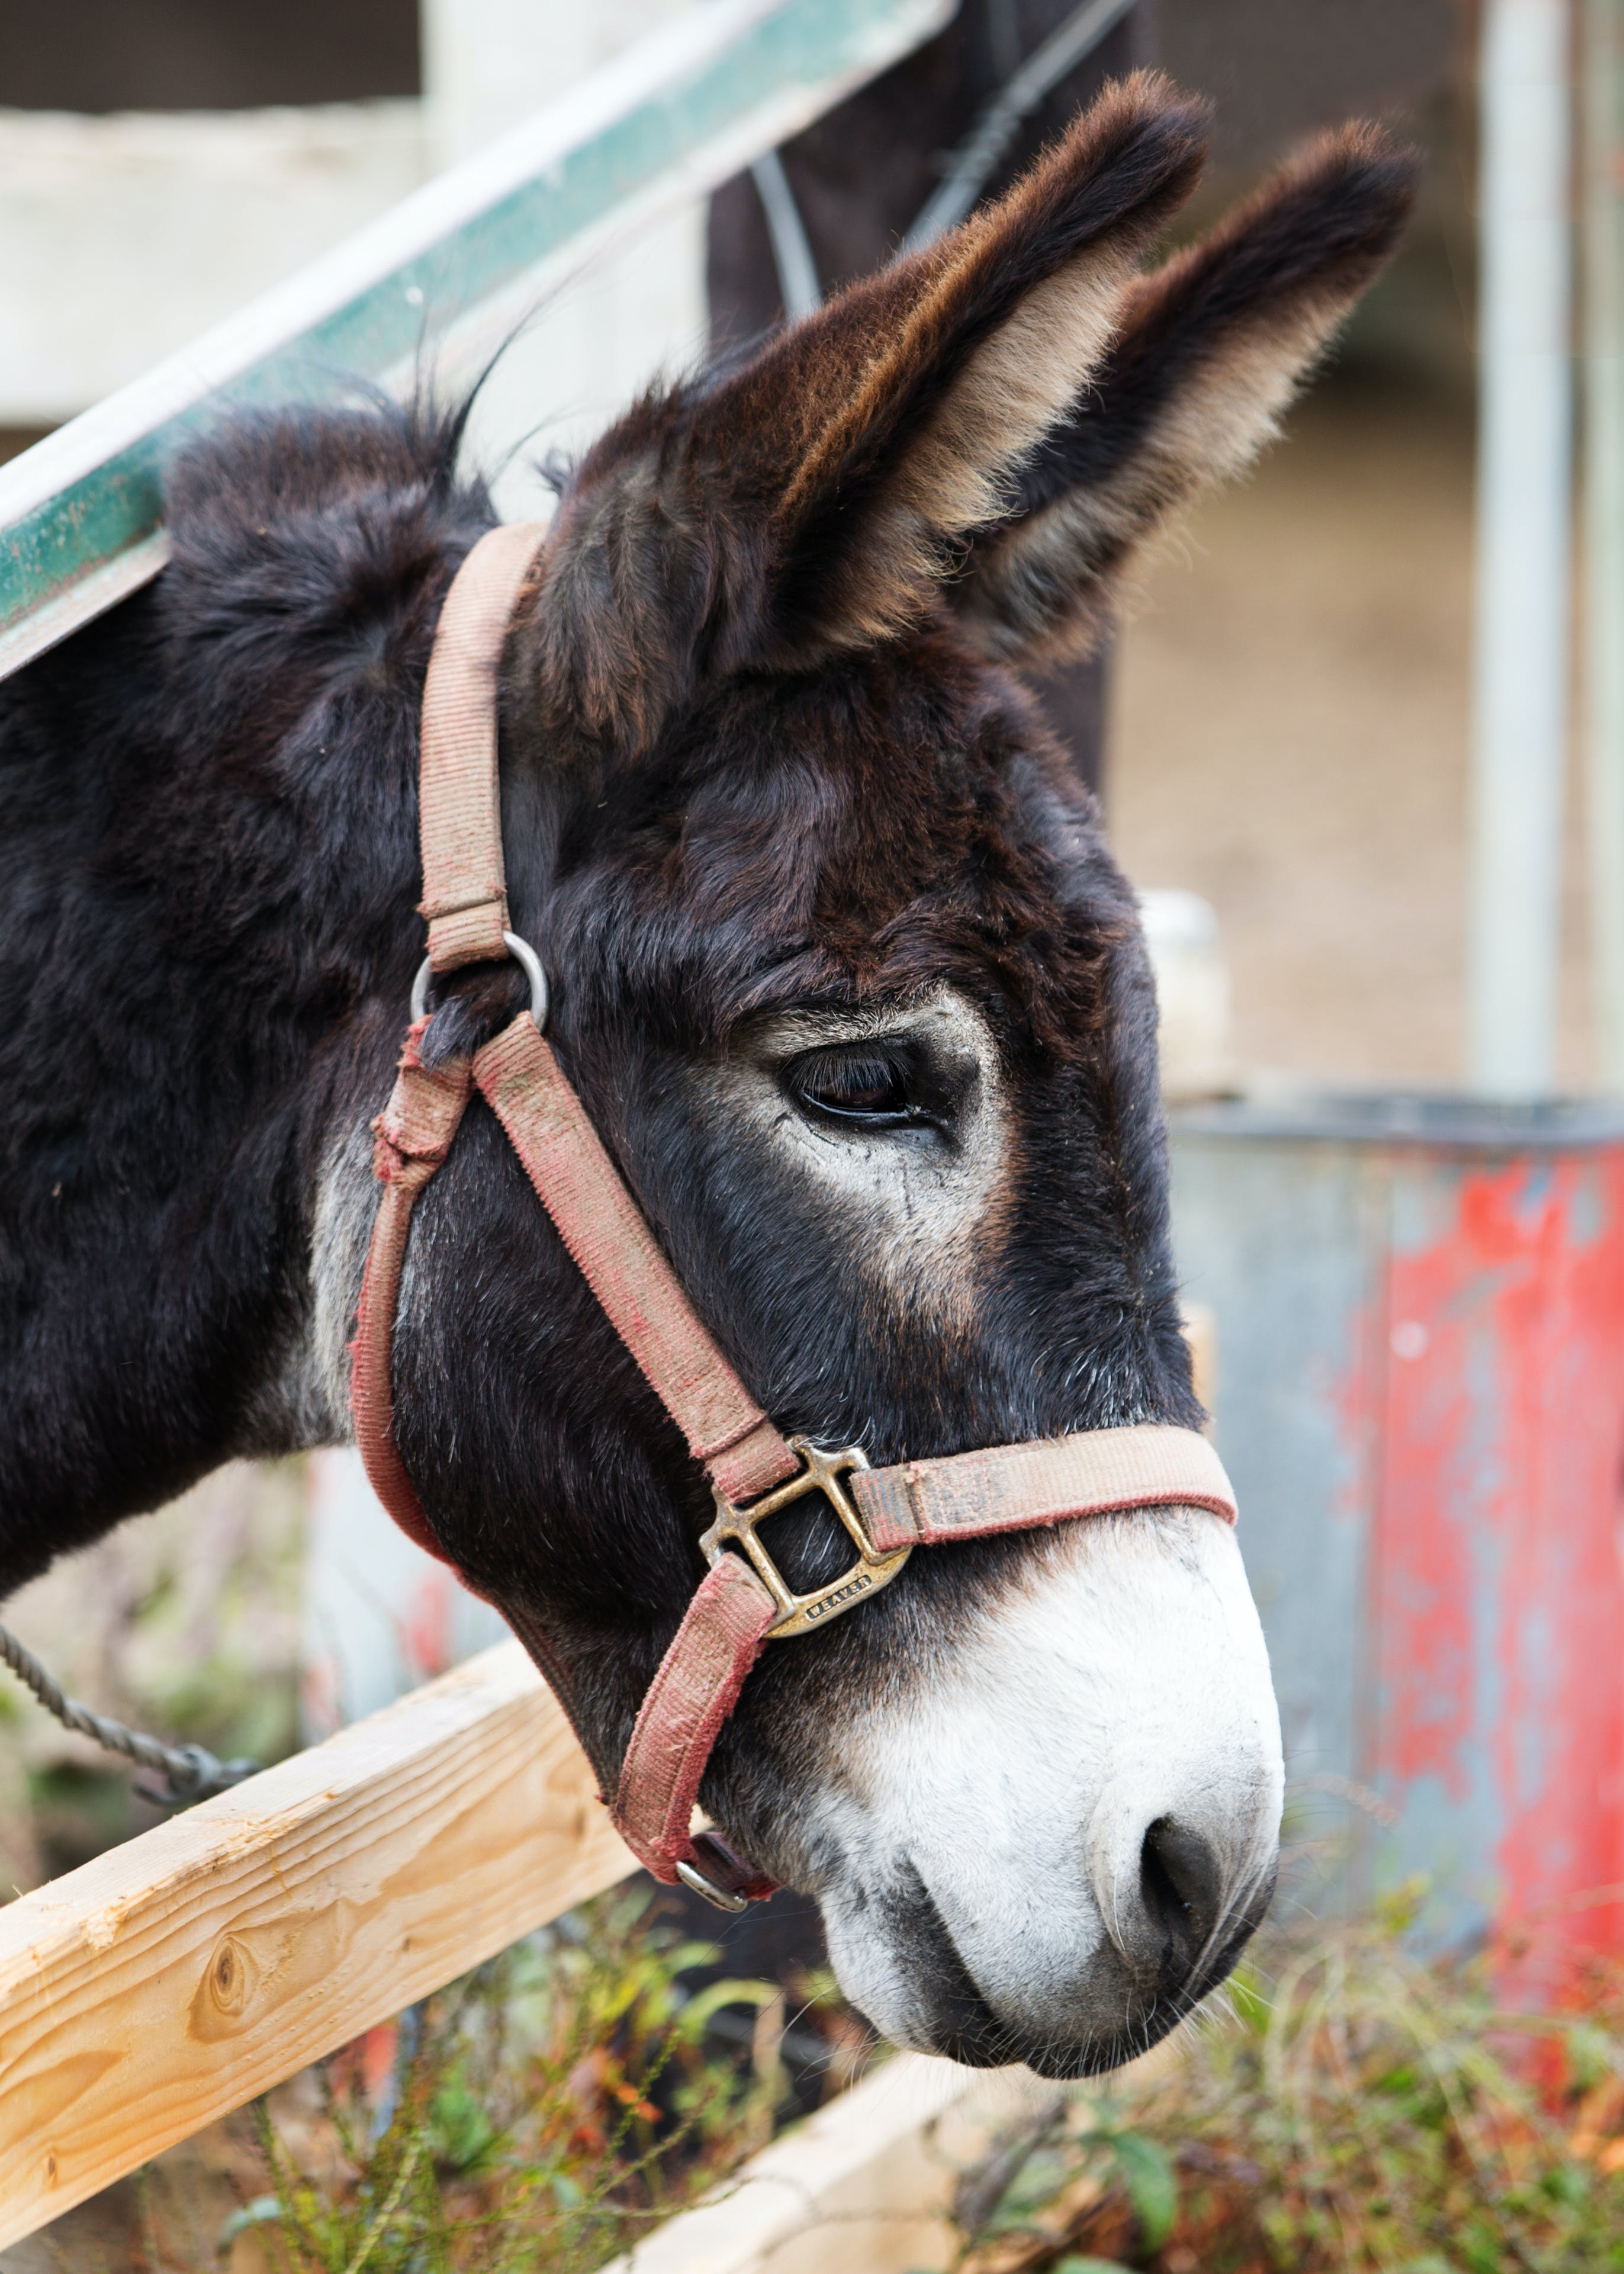 Black Donkey Behind Brown Cage